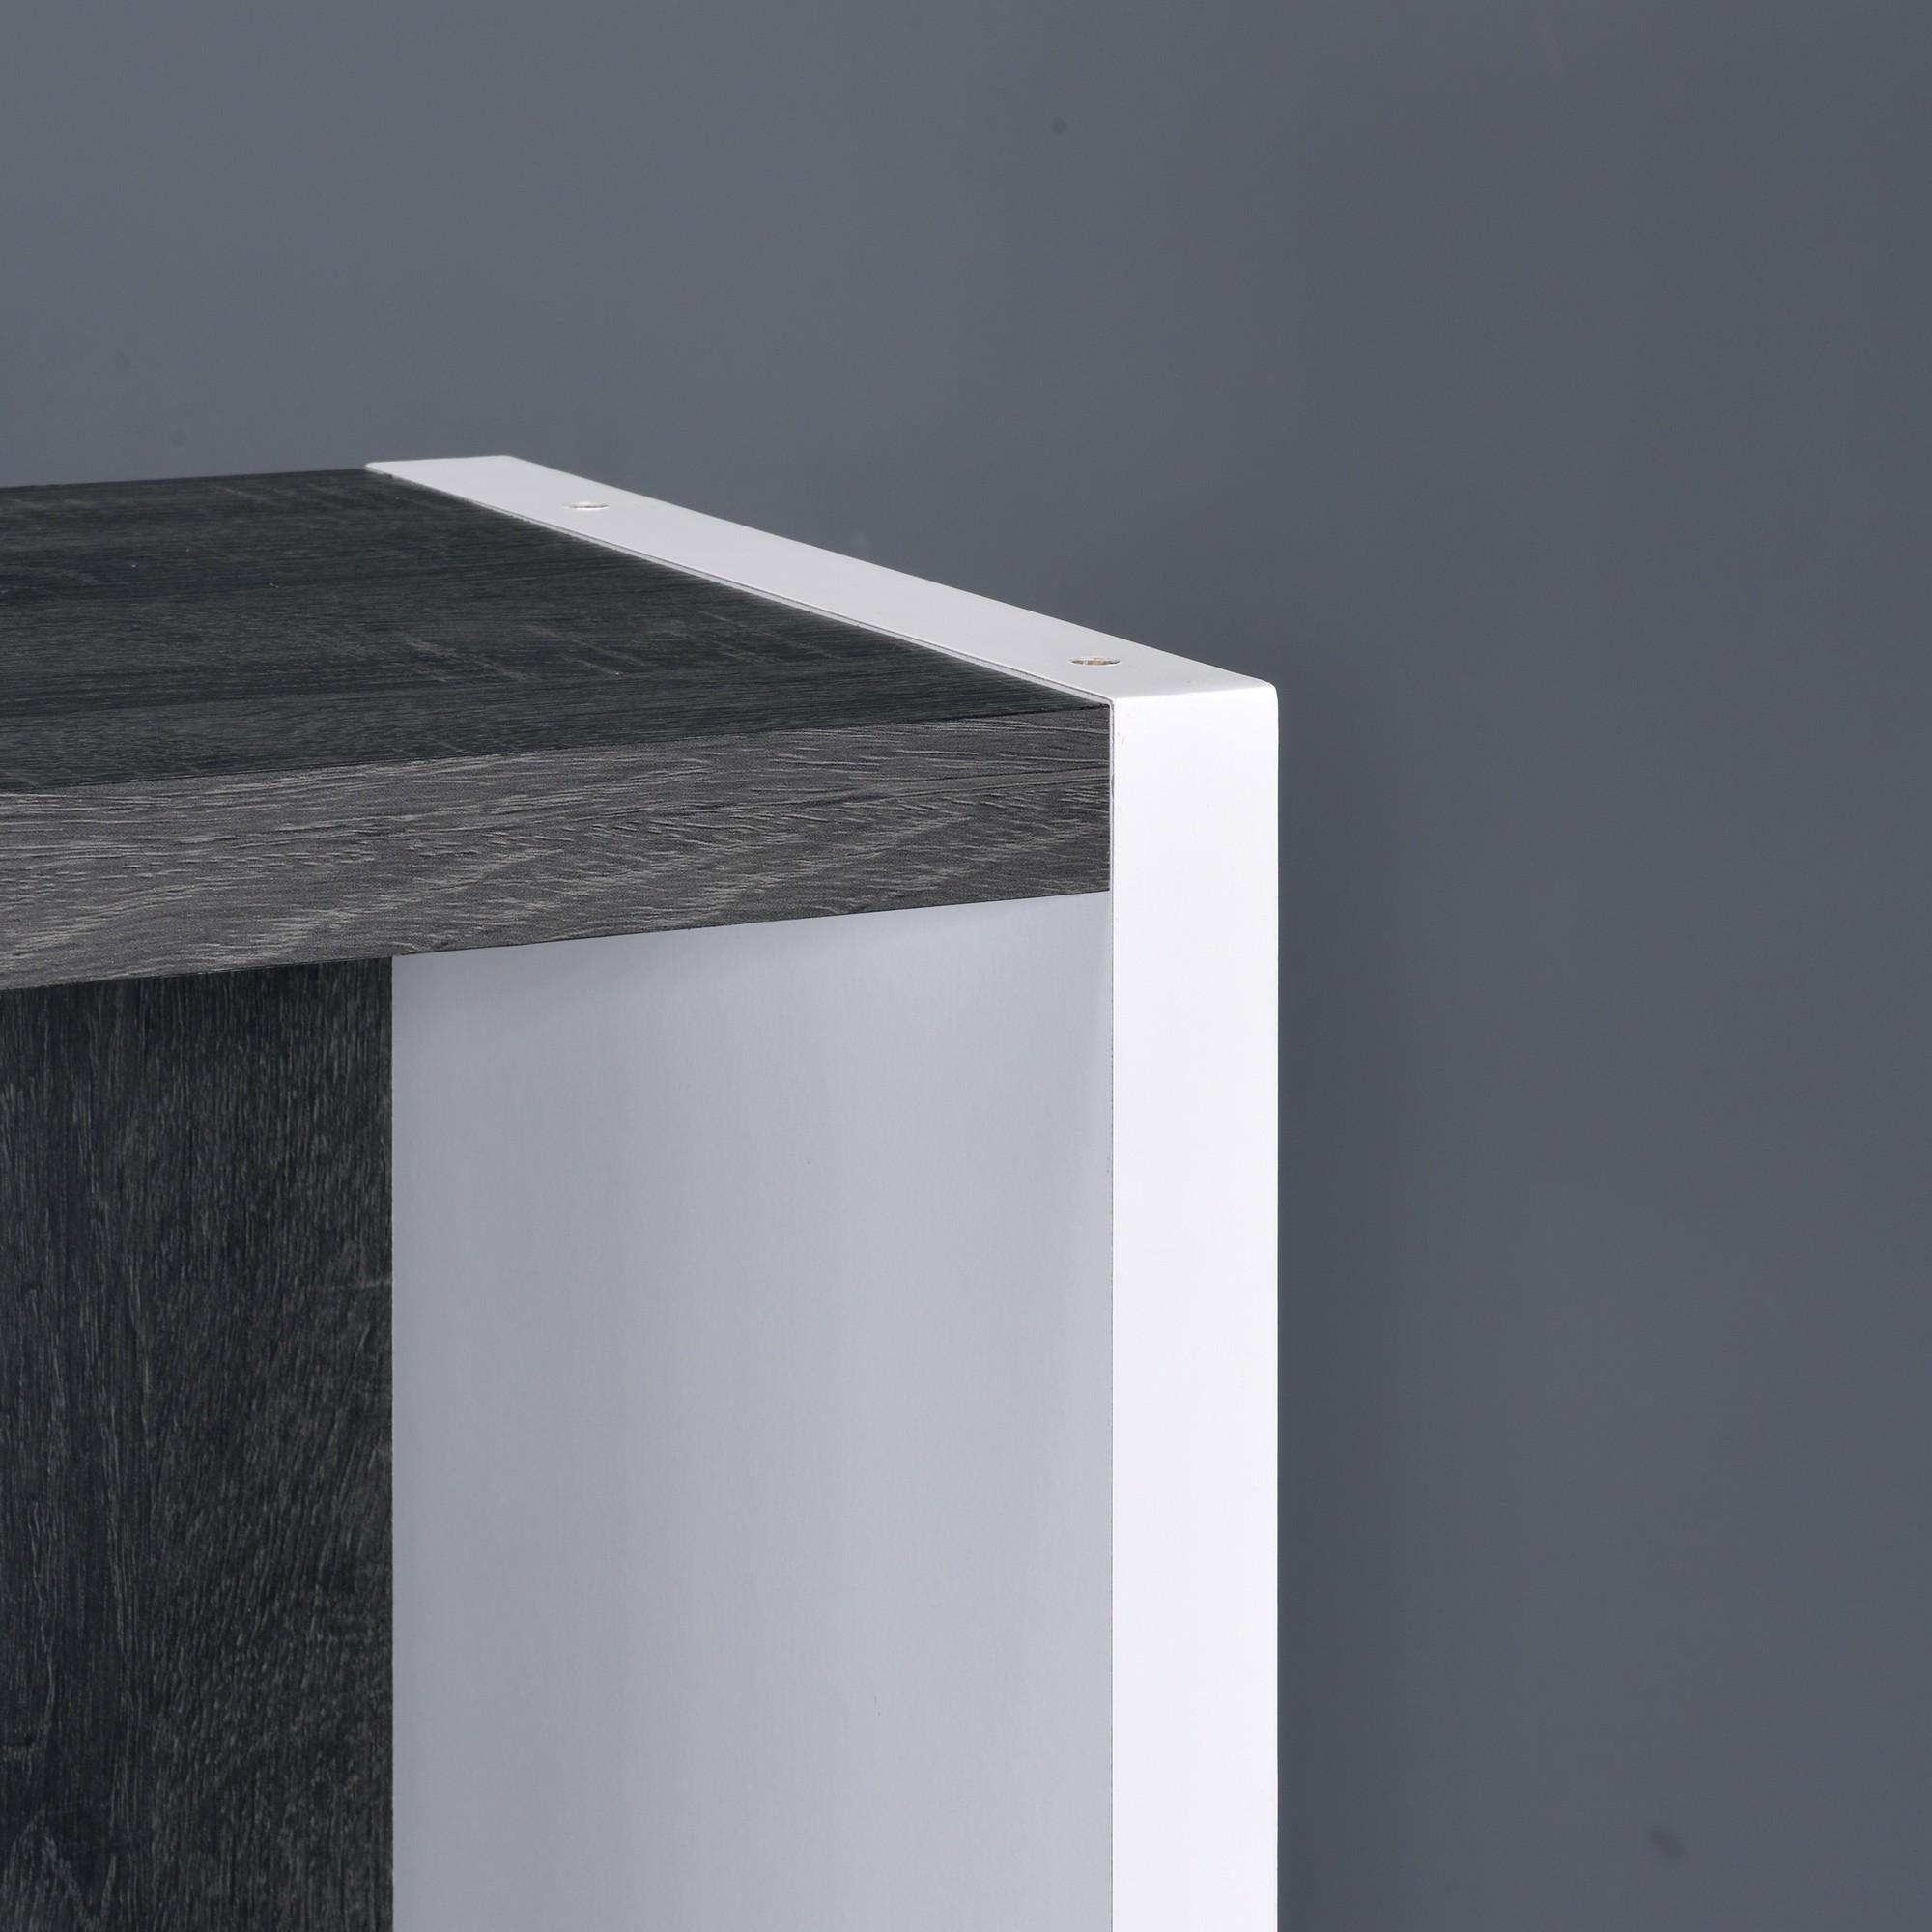 Versatile Six Shelf White and Gray Cubby Bookshelf